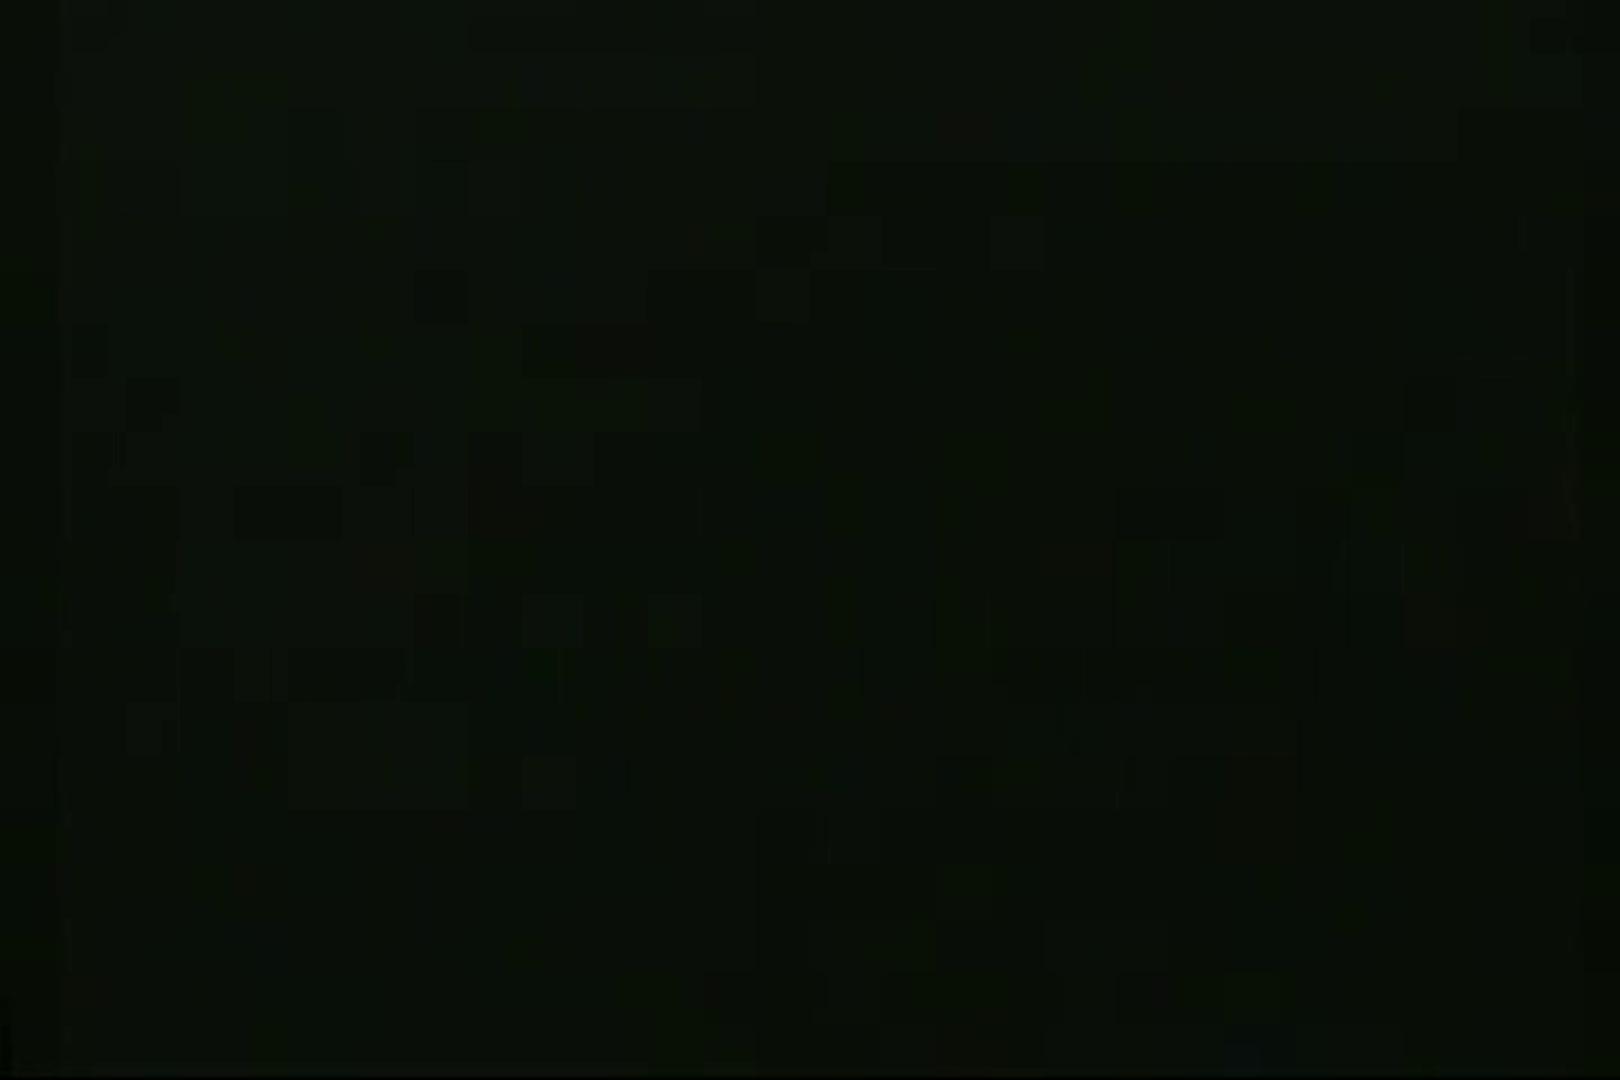 いっくんの調教シリーズ「未亡人みずほ27歳市役所職員」Vol.5 ワルノリ  94画像 84